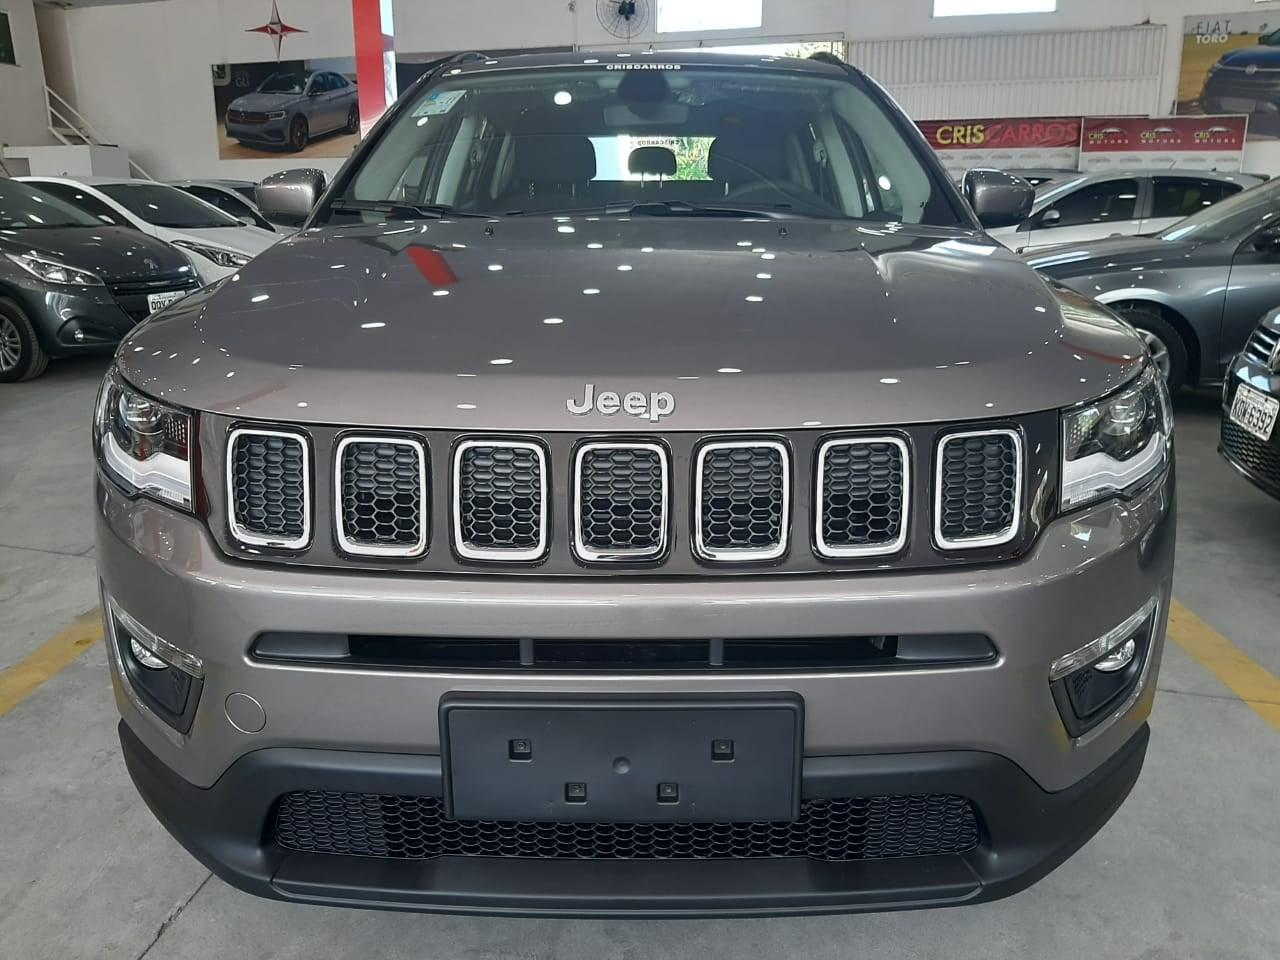 //www.autoline.com.br/carro/jeep/compass-20-sport-16v-flex-4p-automatico/2021/rio-das-ostras-rj/14035251